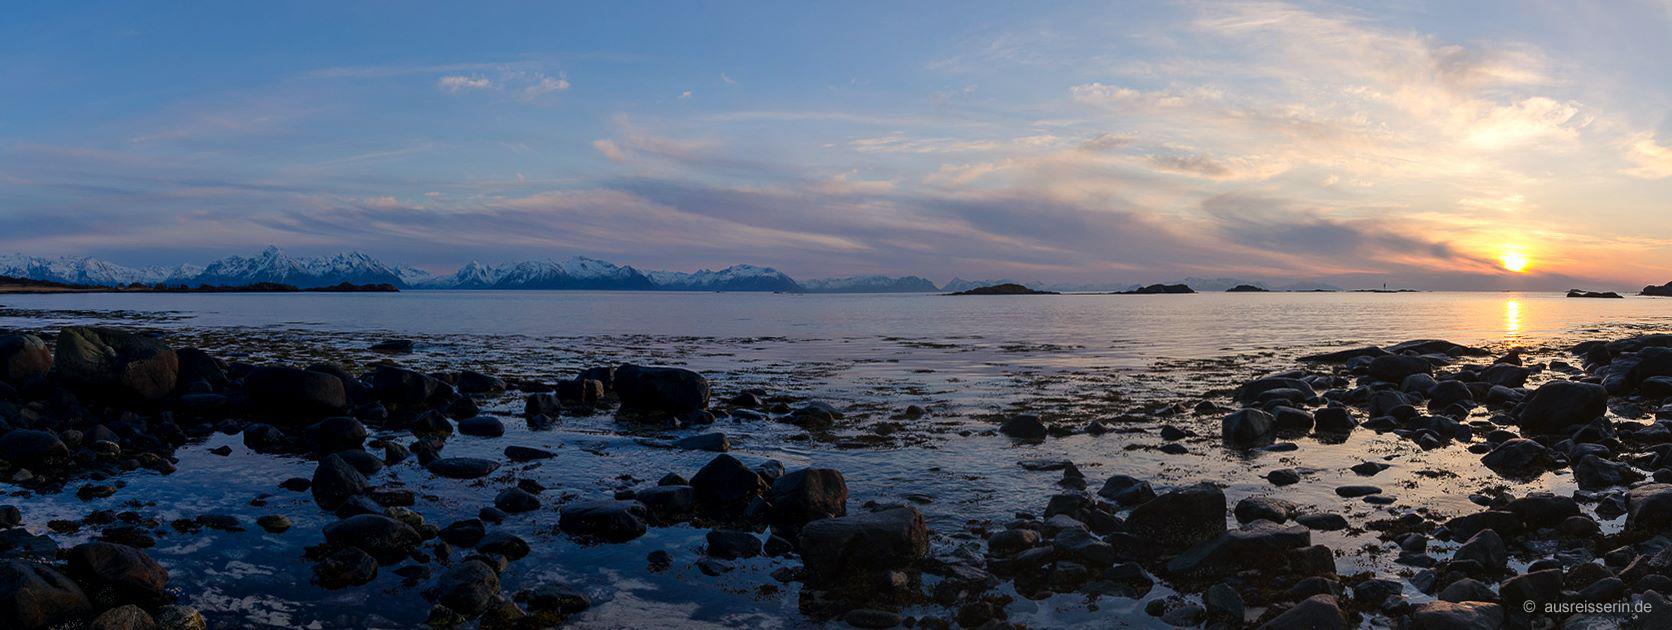 Nähe Melbu, Vesterålen: Blick auf die Lofotenwand in der Abenddämmerung